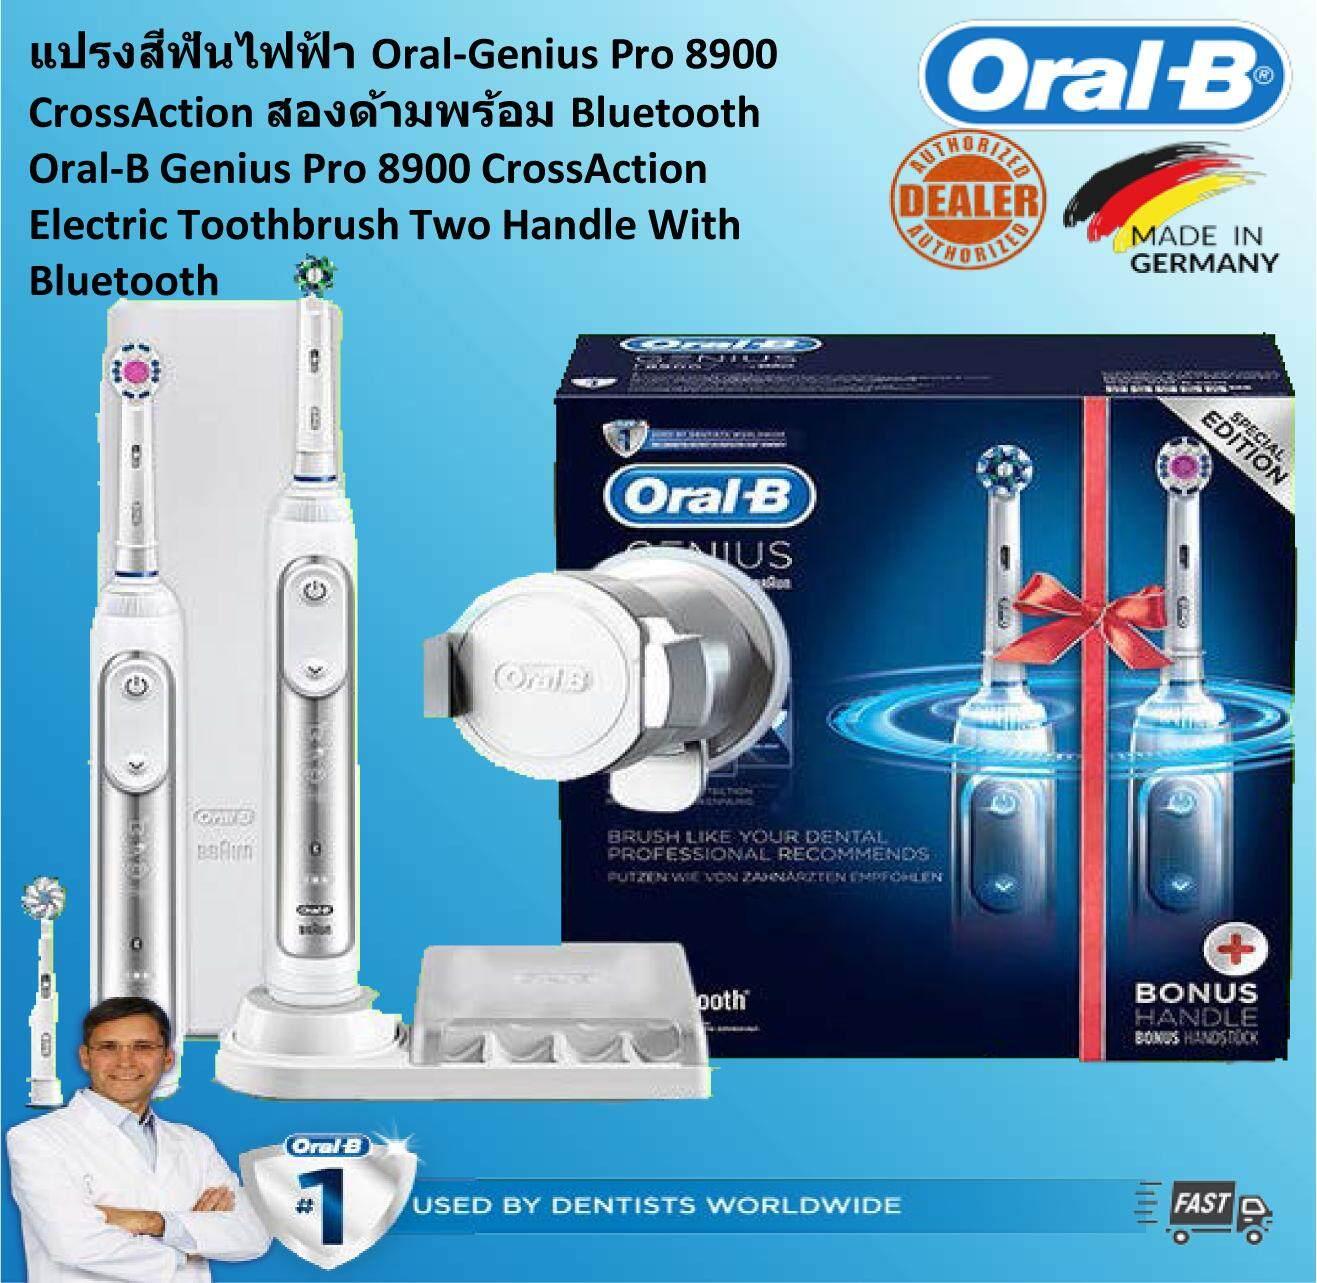 แปรงสีฟันไฟฟ้า ทำความสะอาดทุกซี่ฟันอย่างหมดจด นนทบุรี Oral B Cross Action Genius 8900 Set of 2 Electric Rechargeable Toothbrushes Bluetooth Powered By Braun  Oral B Cross Action Genius 8900 ชุดแปรงสีฟันไฟฟ้าชนิดชาร์จซ้ำได้ 2 ชุดบลูทู ธ ขับเคลื่อนโดย Braun